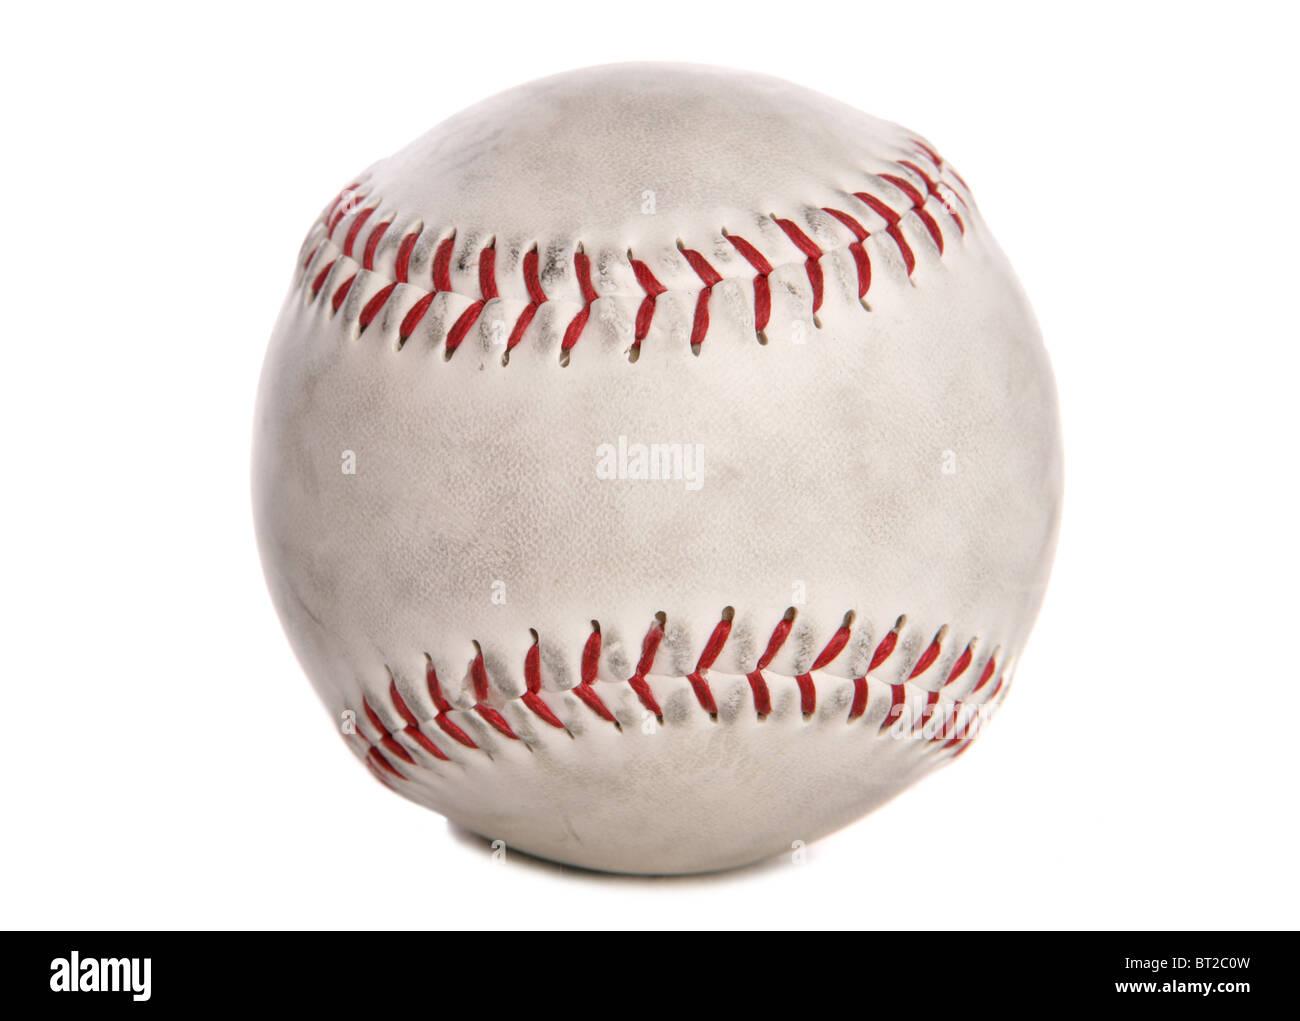 Utilizzate il baseball bianco studio ritaglio Immagini Stock